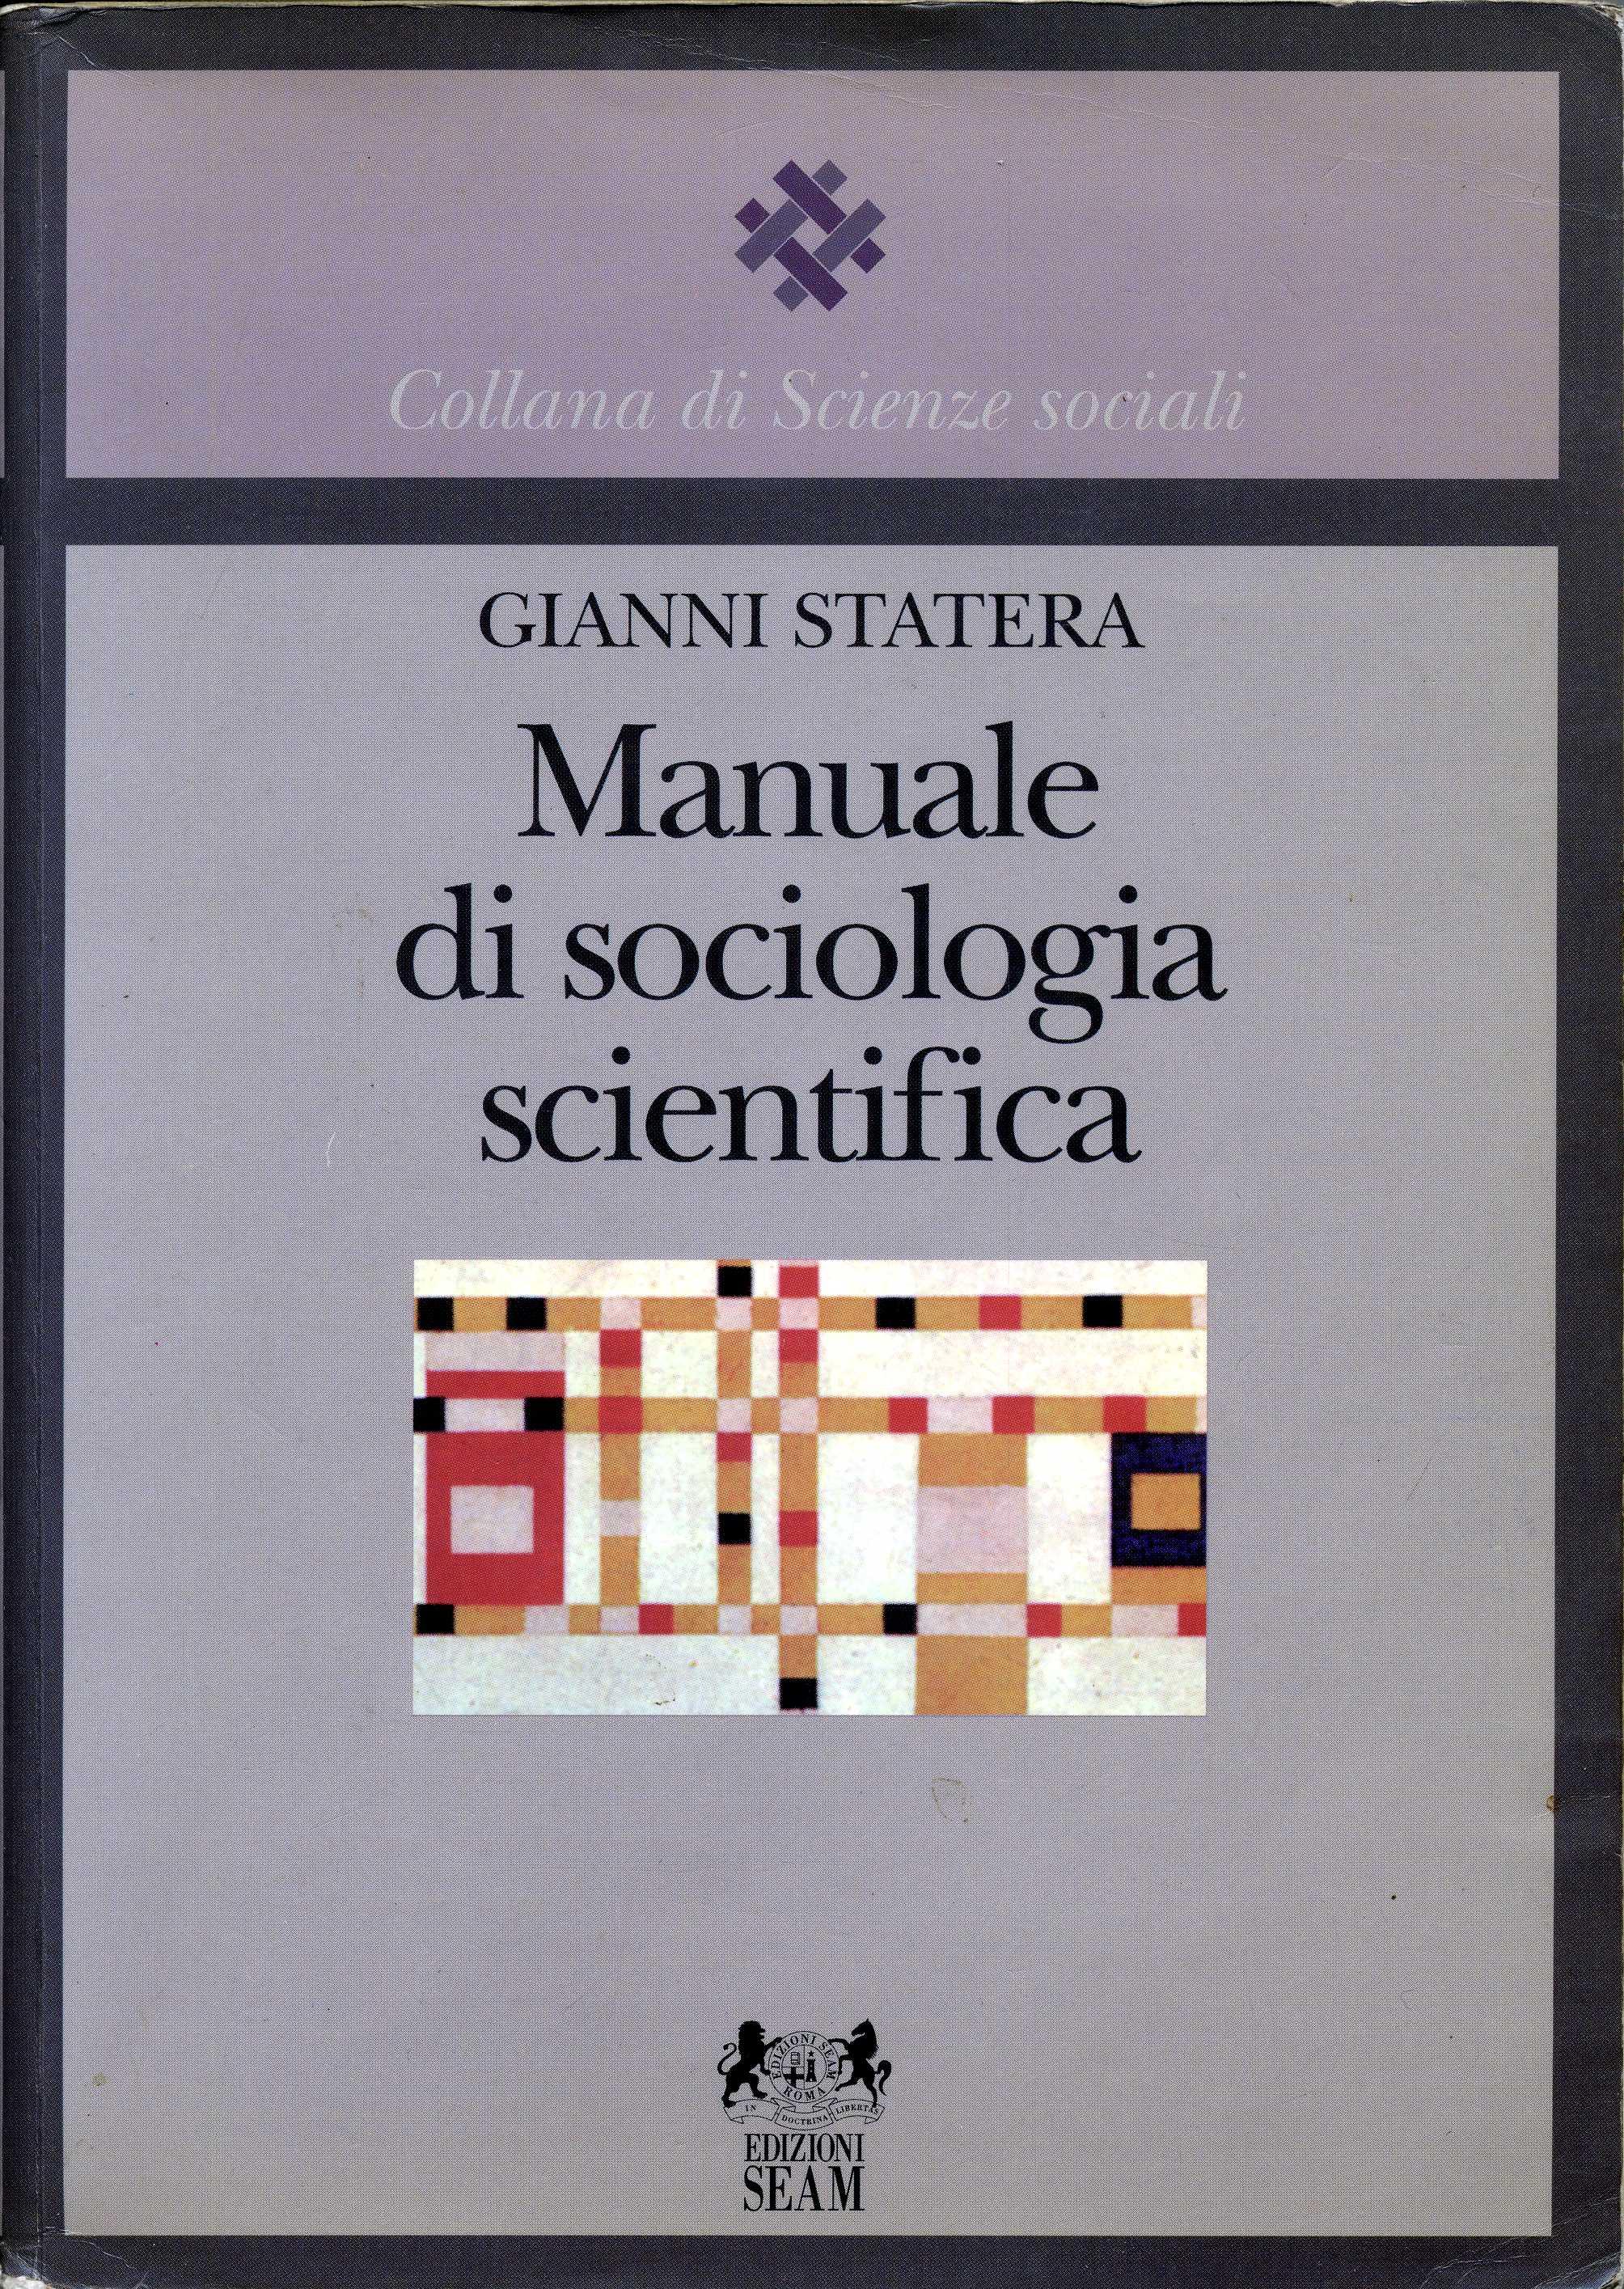 Manuale di sociologia scientifica